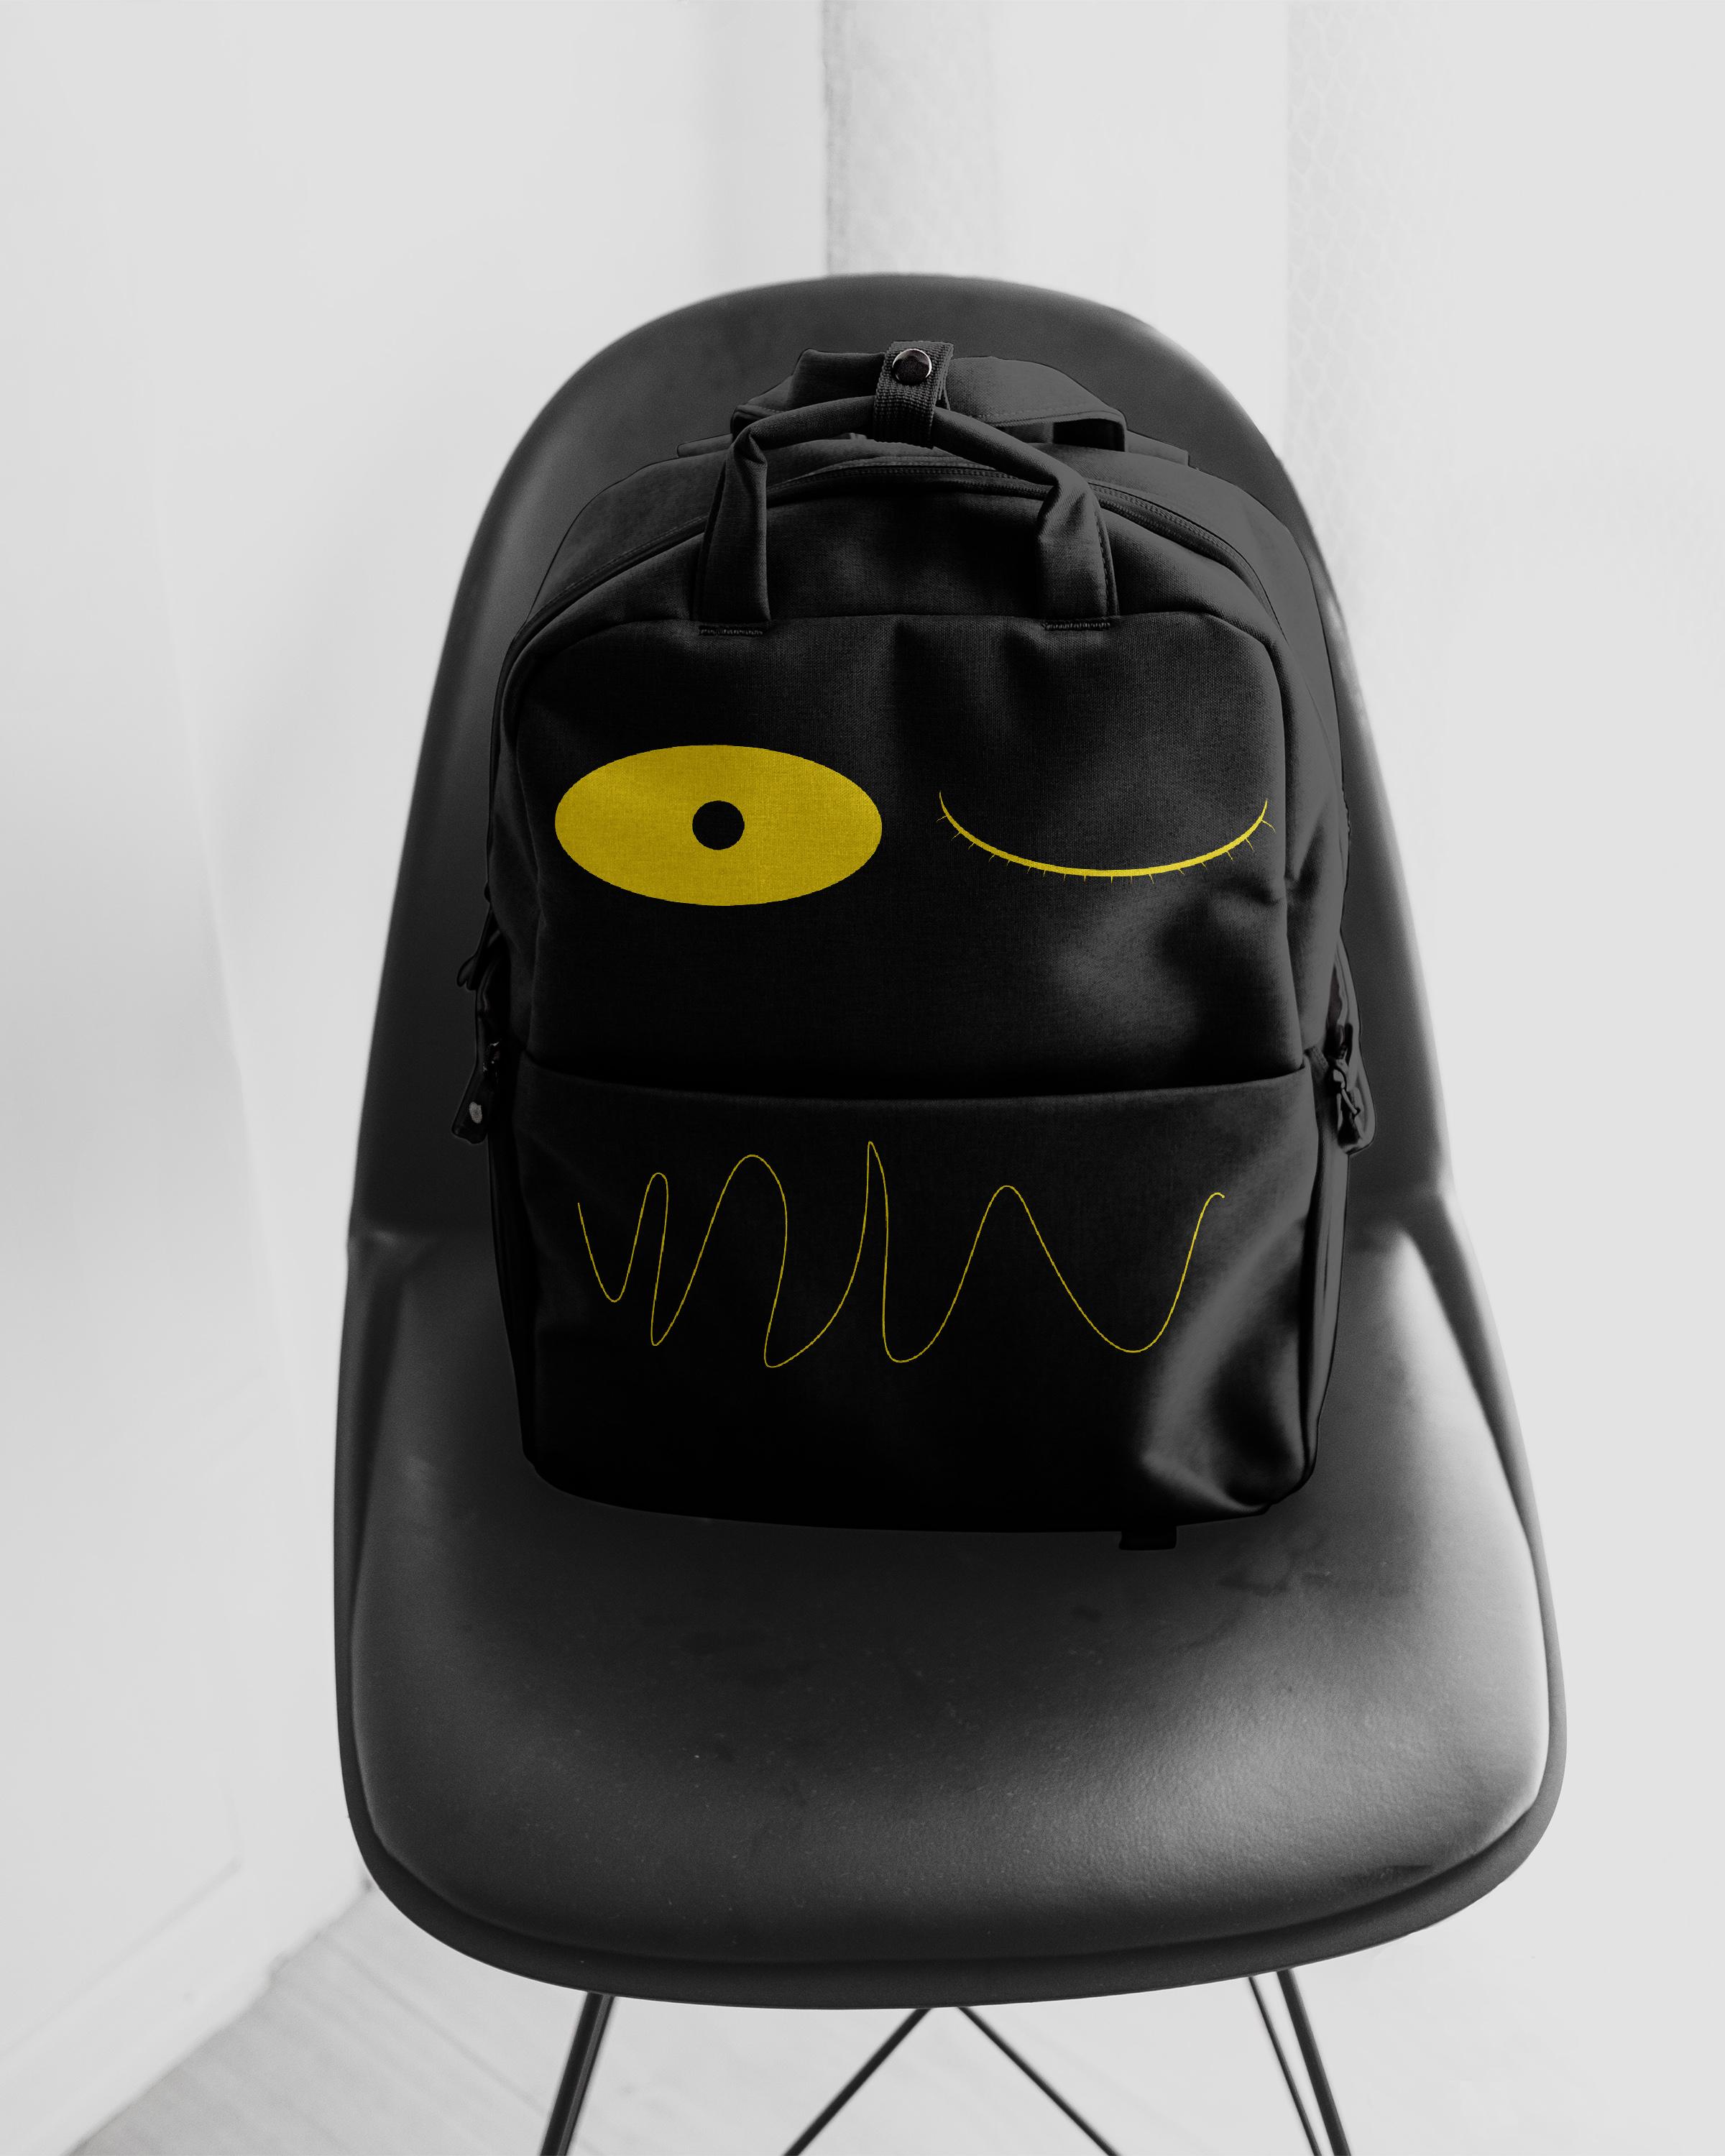 Конкурс на создание оригинального принта для рюкзаков фото f_2085f8a06fa51028.jpg